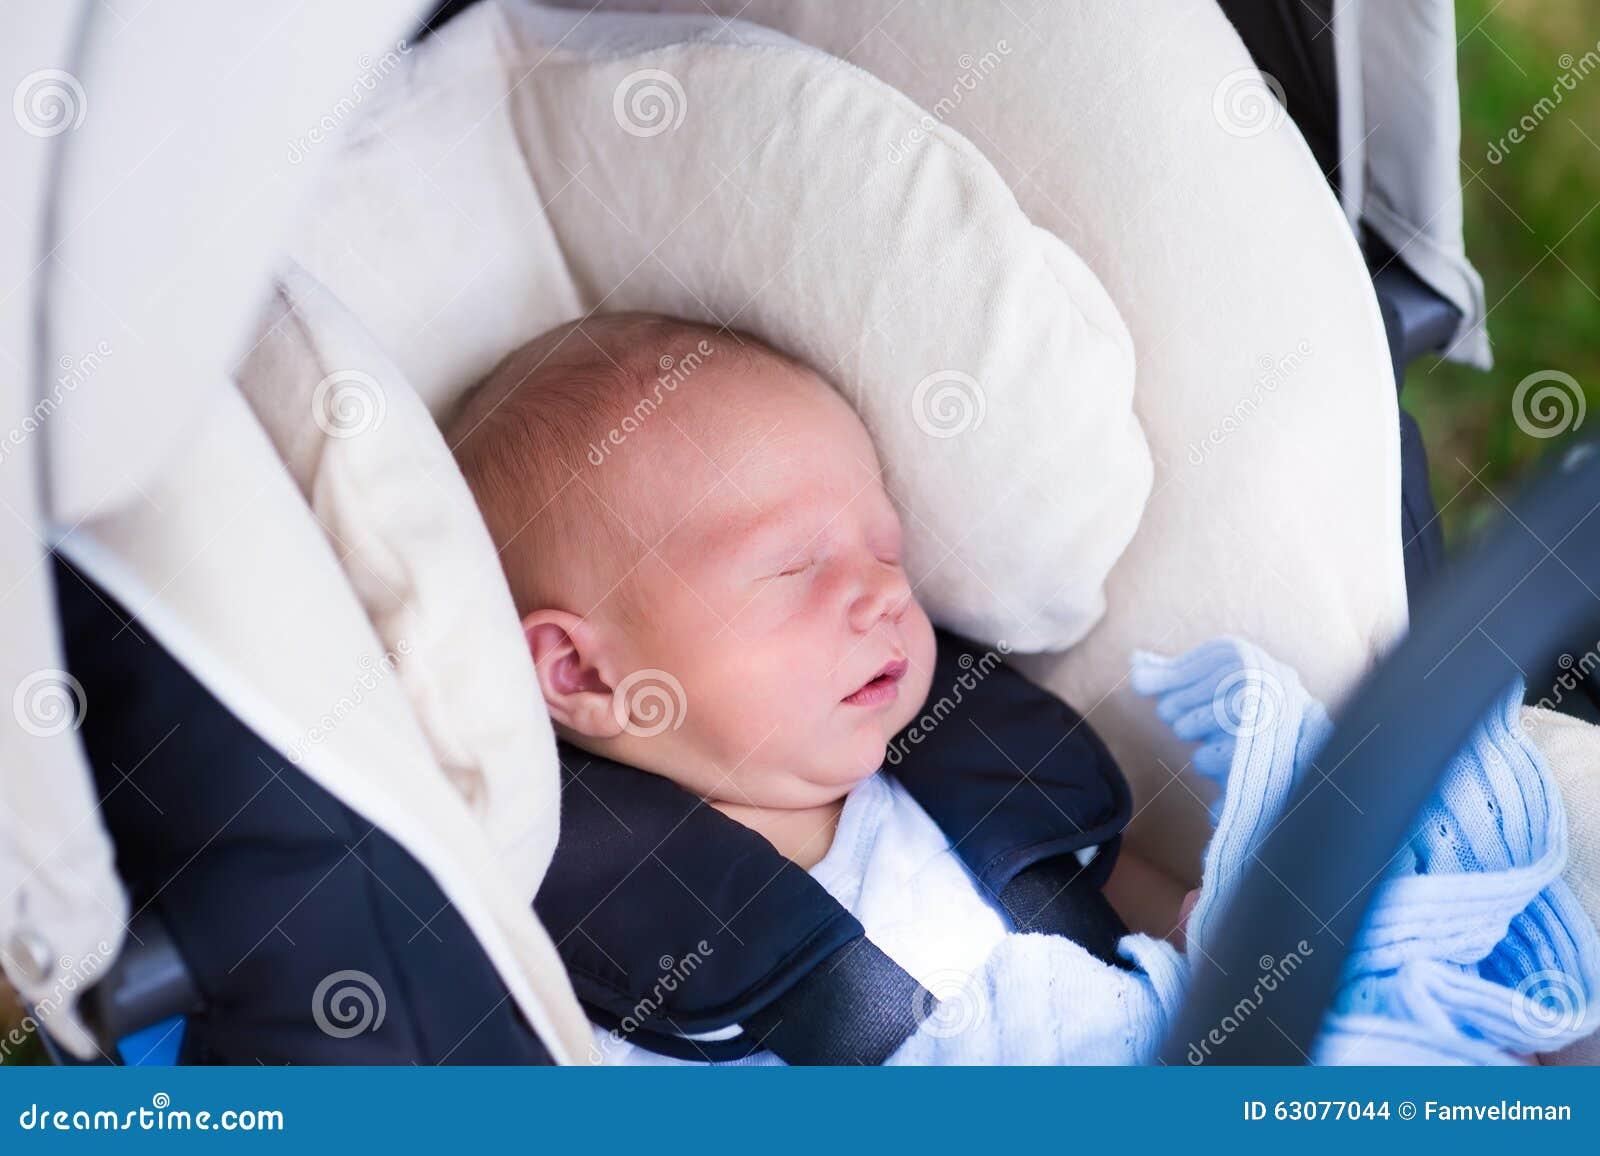 Newborn Baby Boy Sleeping Car Seat